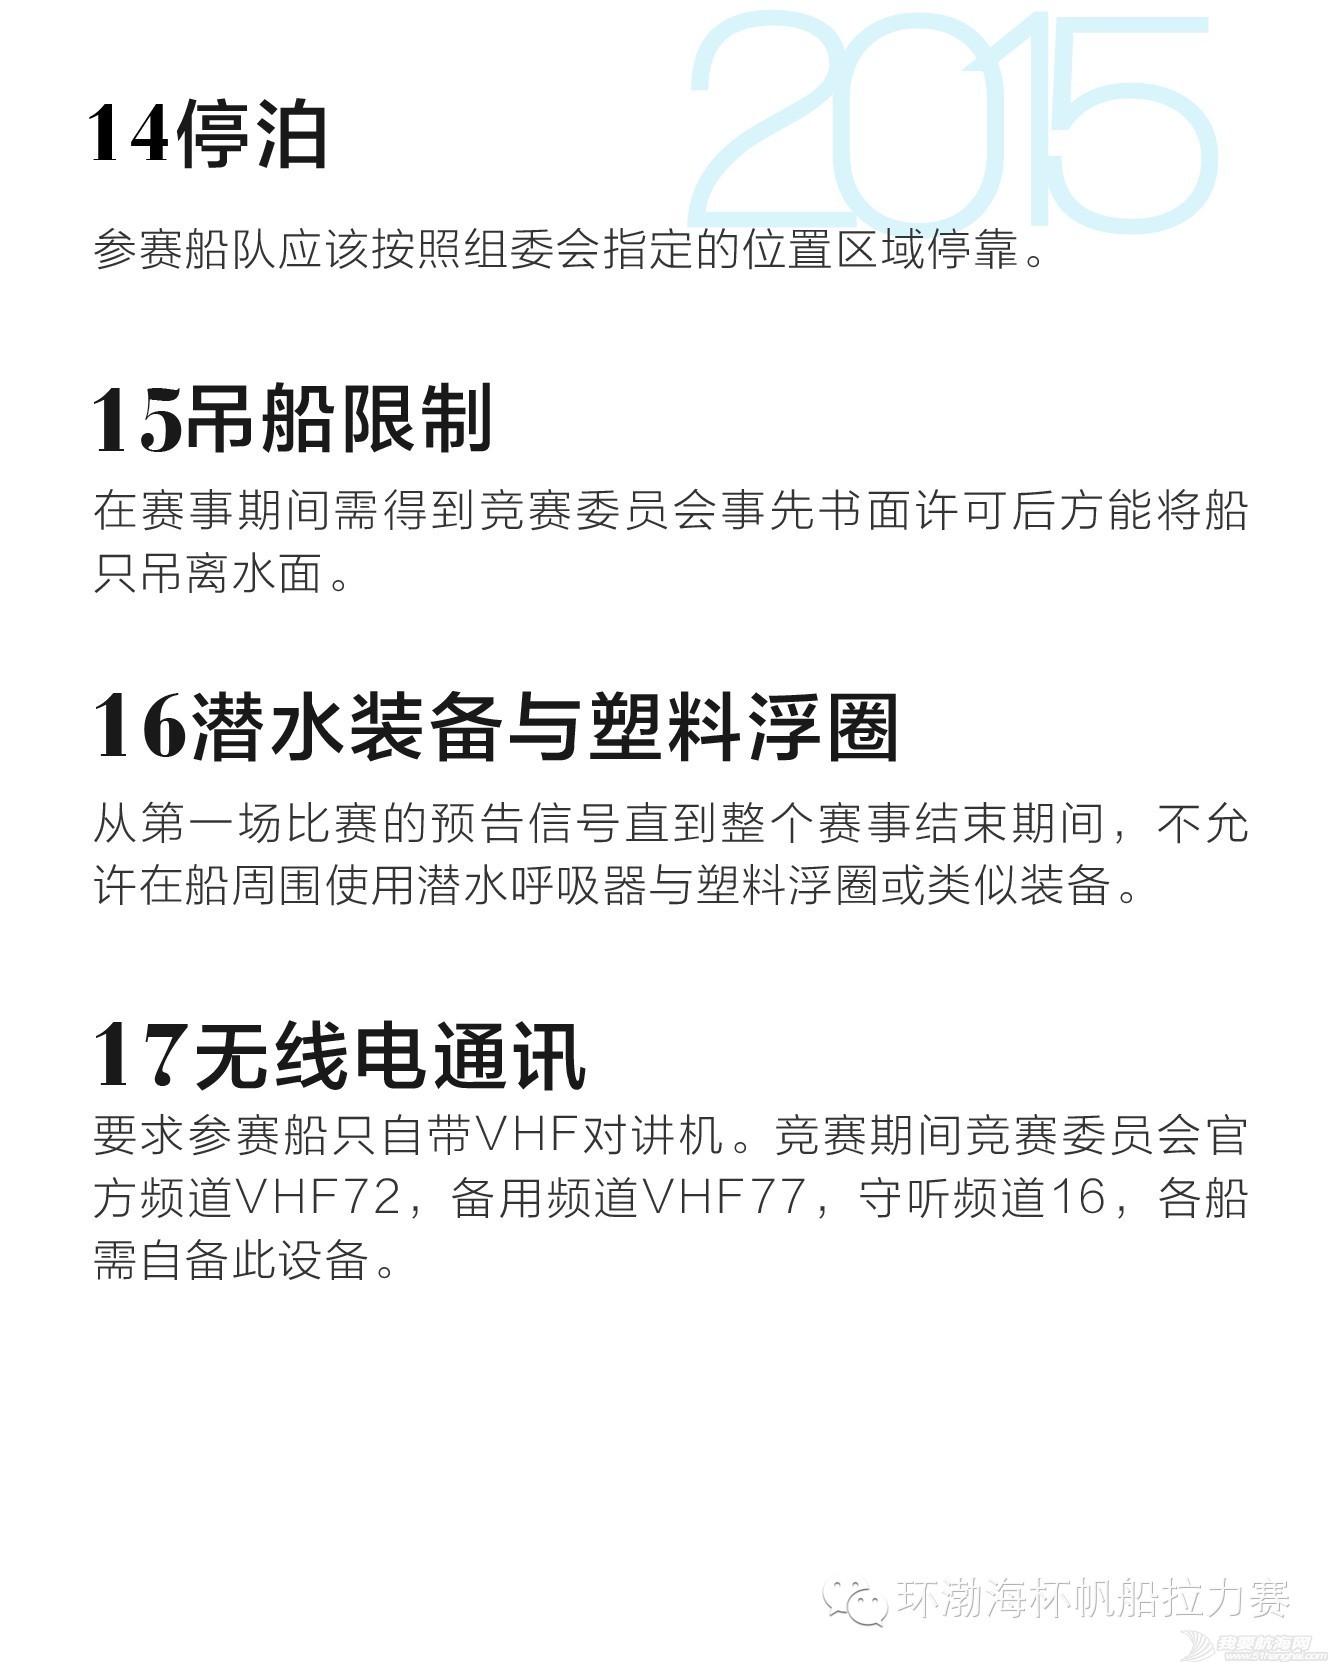 拉力赛,中国,渤海,帆船 2015中国环渤海帆船拉力赛竞赛通知 10a80c6aaff698ed6c6ba4a8447c618c.jpg